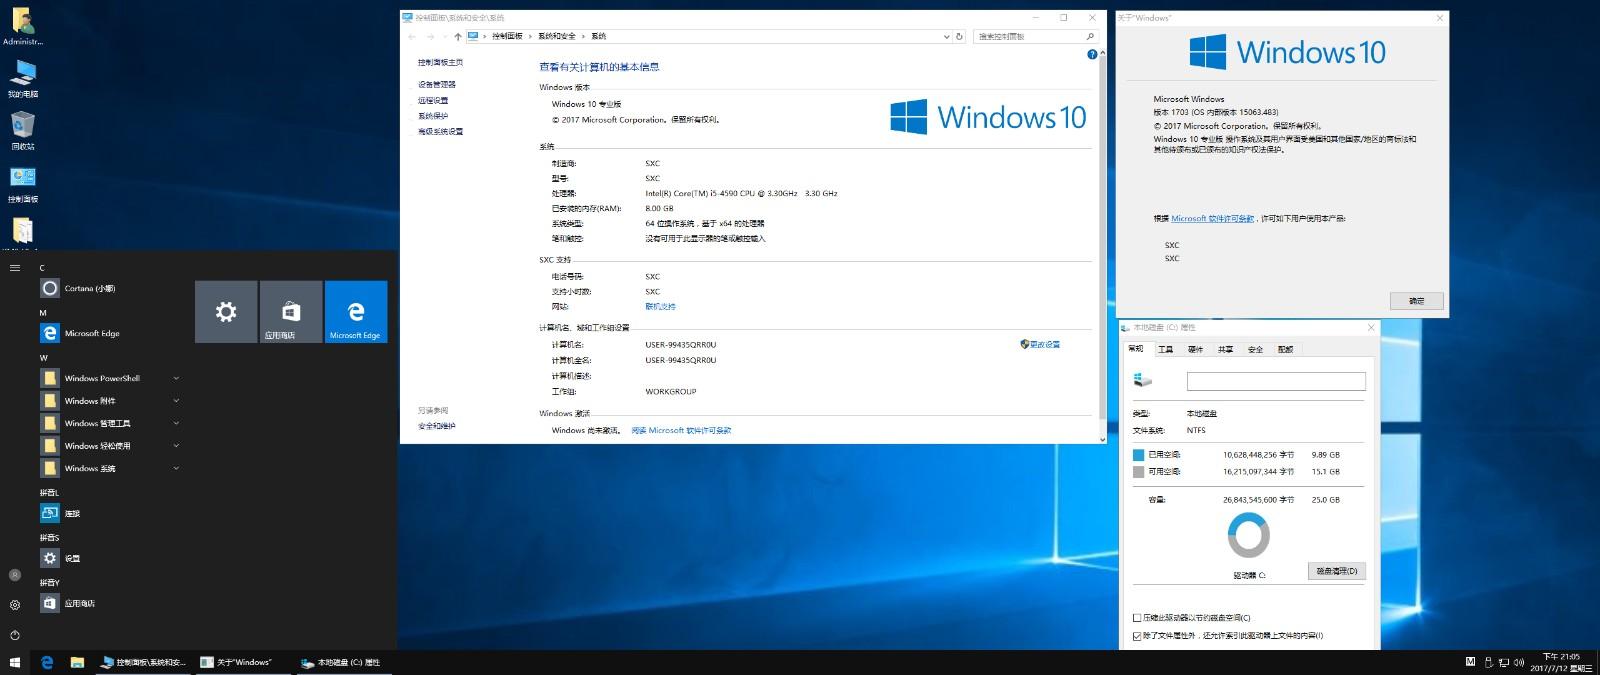 【溯汐潮】你们要的完整版!Windows10 Pro2 X64 15063.483 2in1 稳定 高效 快速 安全 流畅 打印机驱动以及应用商店已保留